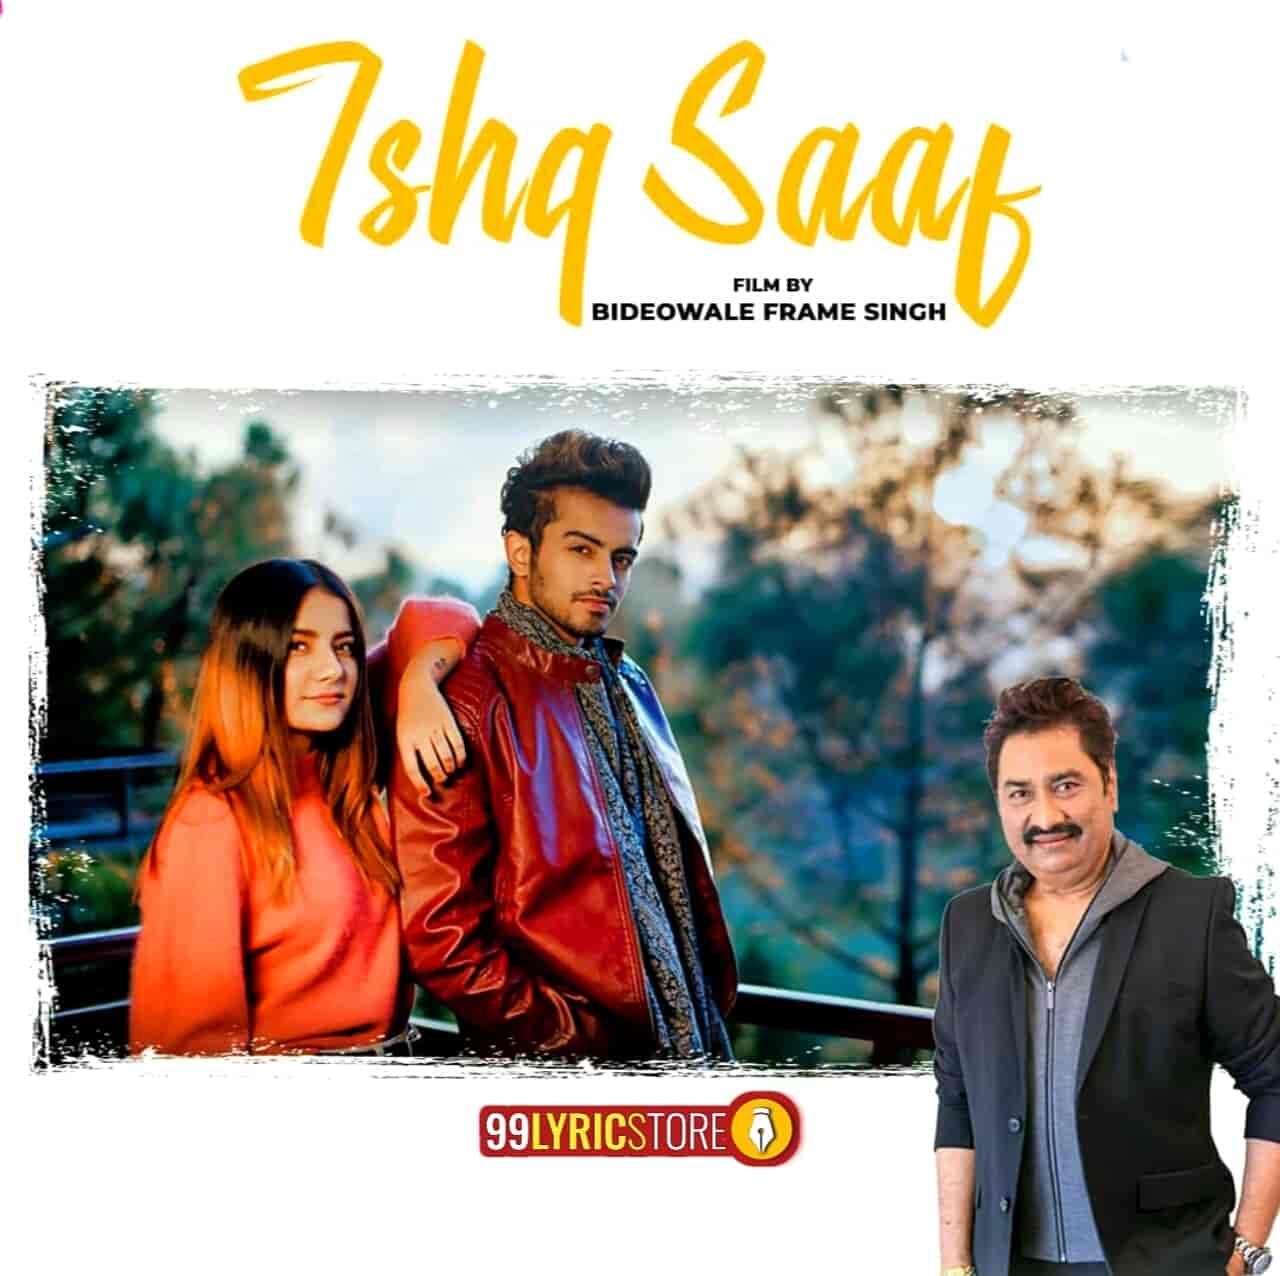 Ishq Saaf Kumar Sanu Song Imges